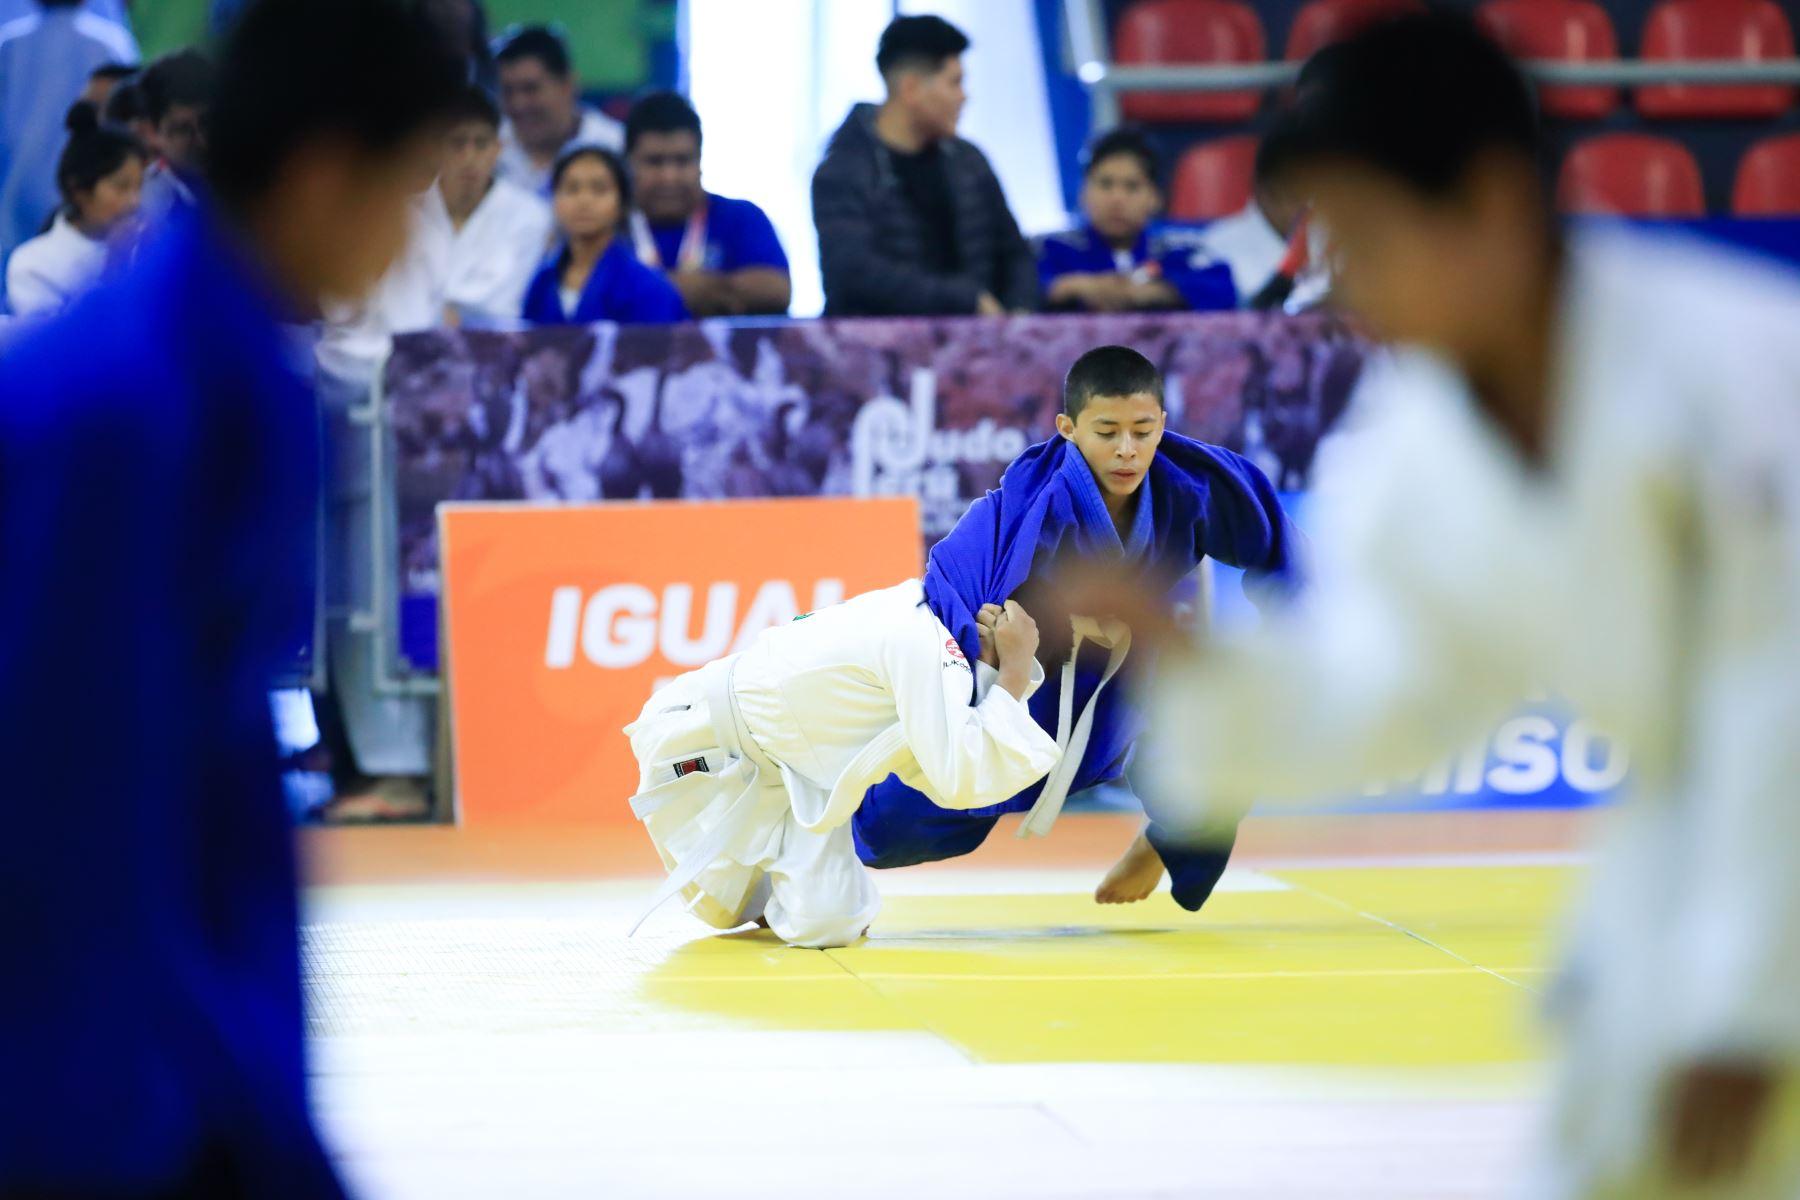 Juegos Deportivos Escolares Nacionales, Judo Mixto.   Foto: Andina/Juan Carlos Guzmán Negrini